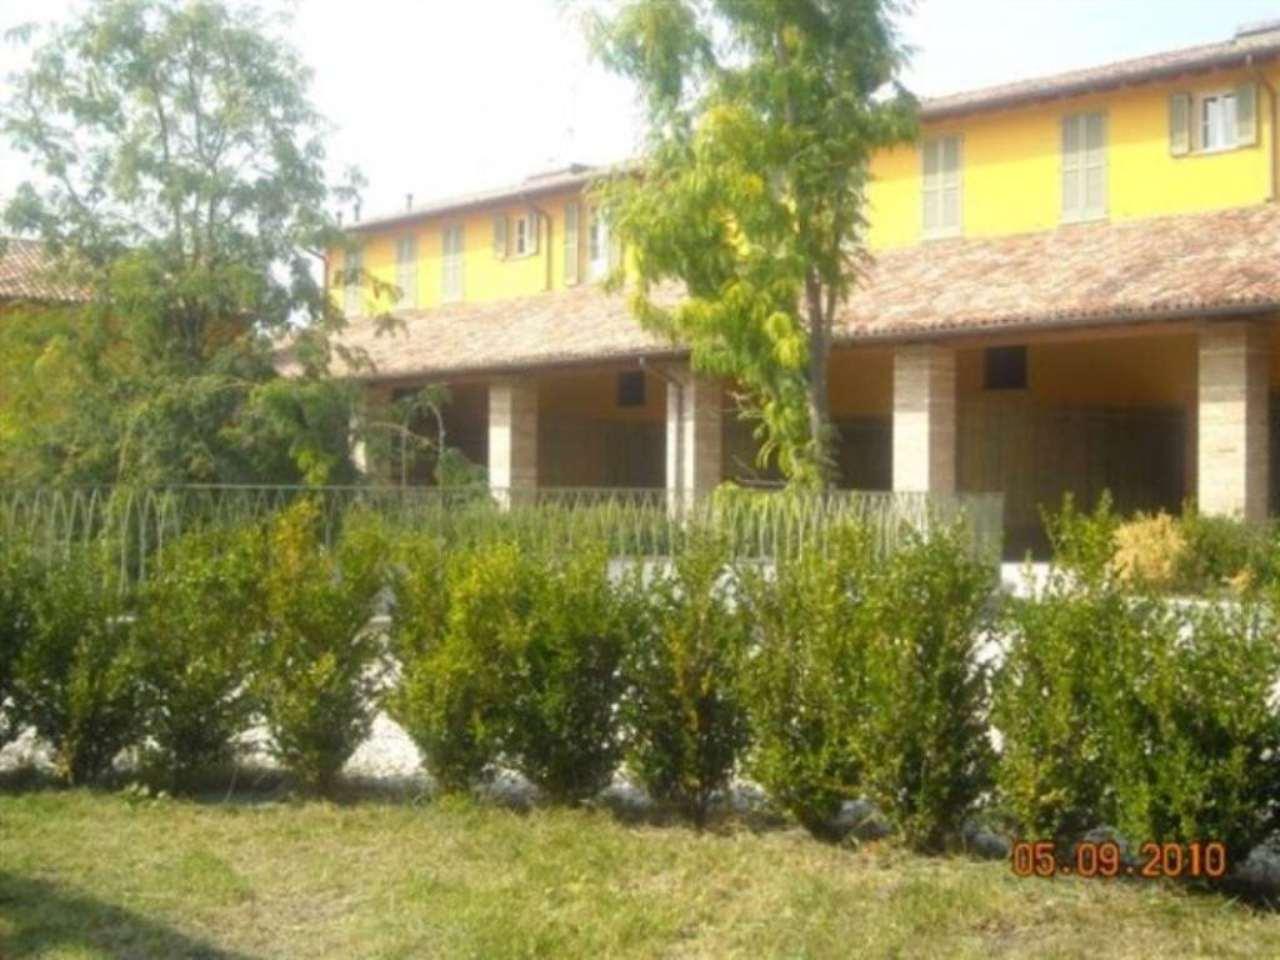 Rustico / Casale in vendita a Capergnanica, 4 locali, prezzo € 180.000 | CambioCasa.it